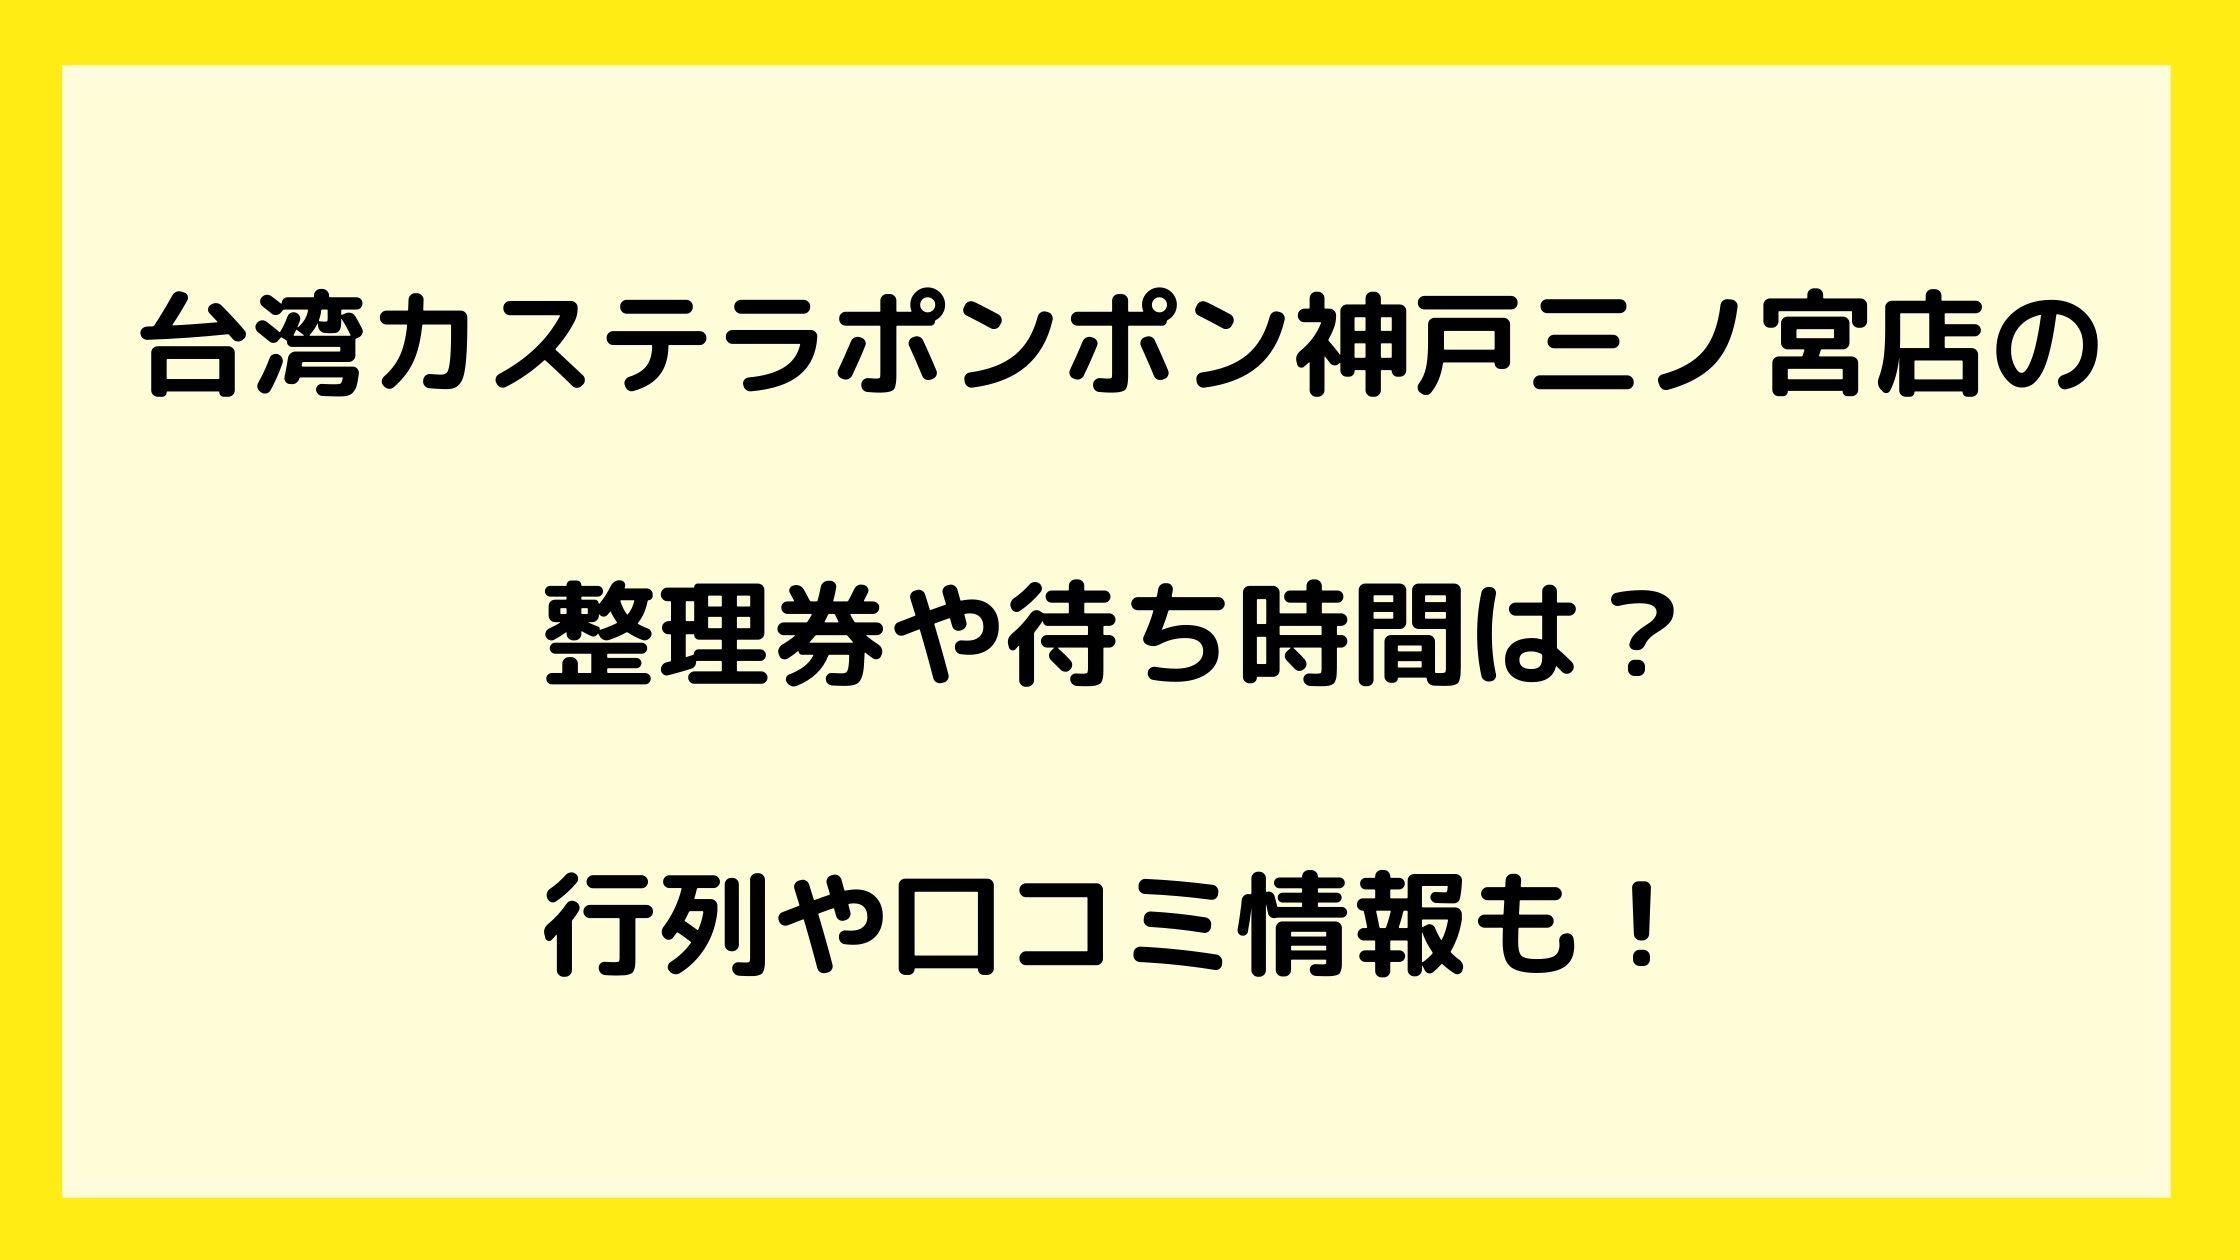 台湾カステラポンポン神戸三ノ宮店の整理券や待ち時間は?行列や口コミ情報も!